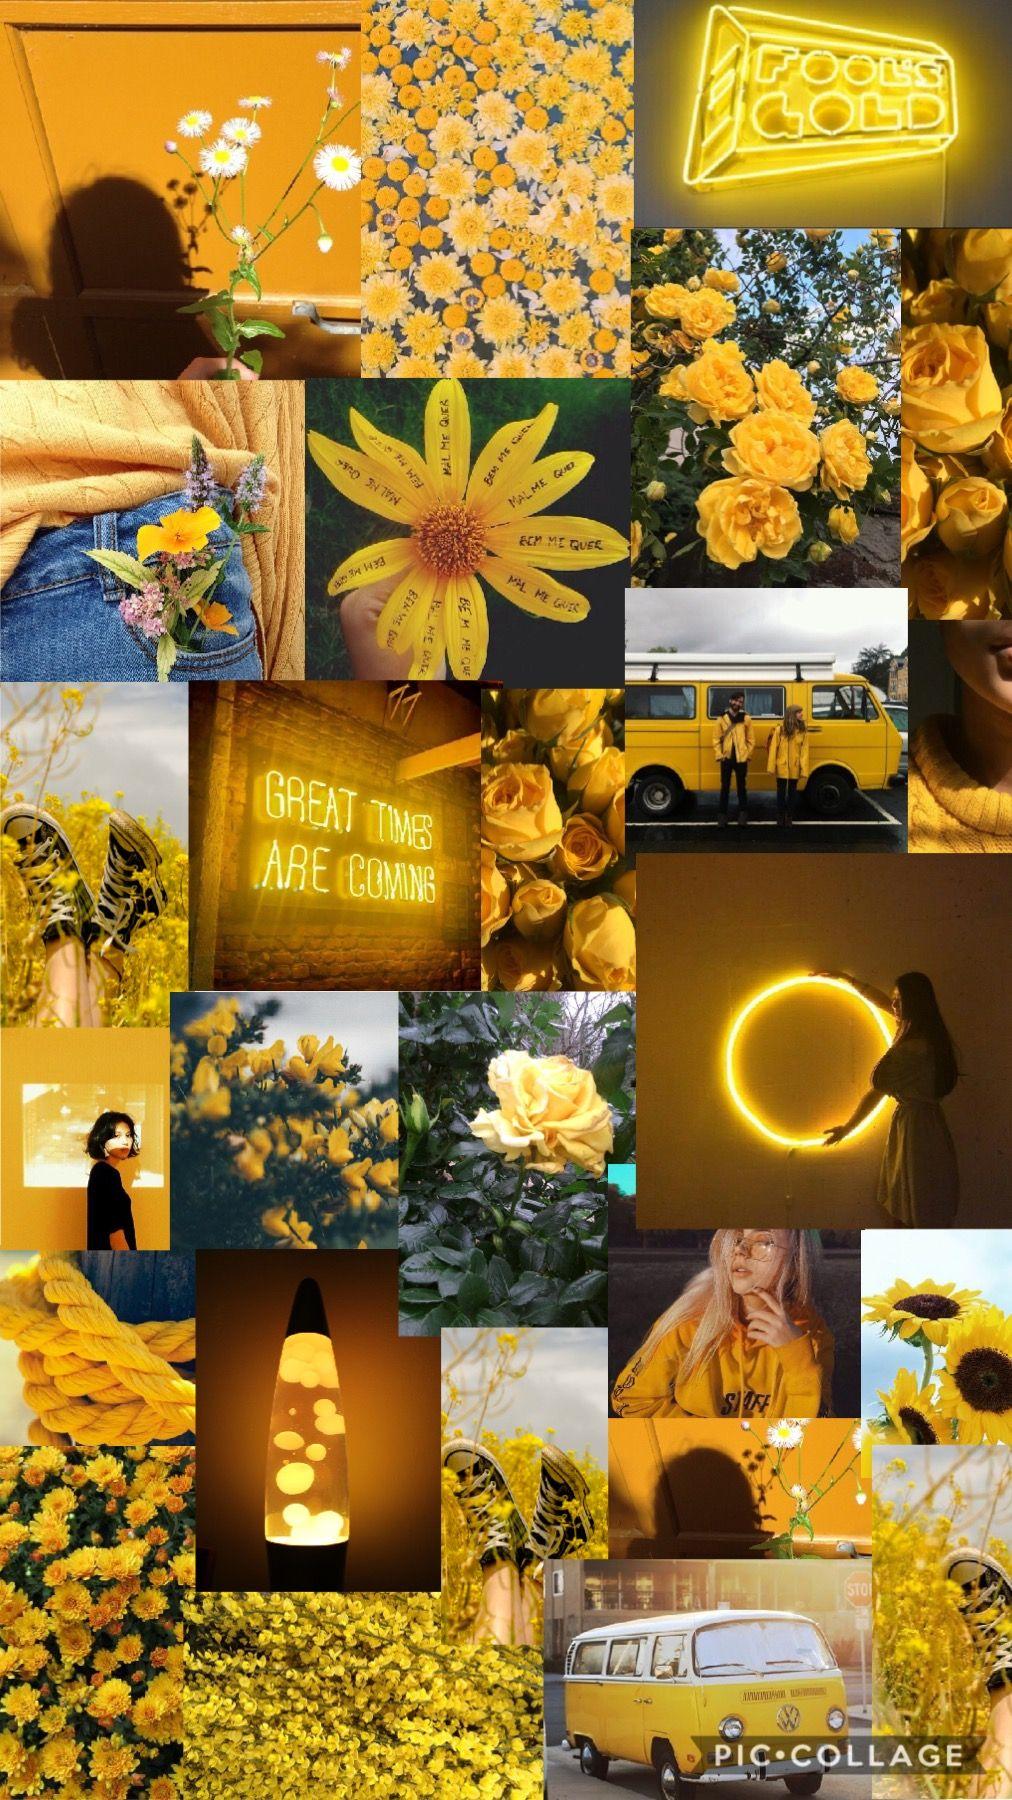 Best 32 mustard wallpaper on hipwallpaper faith mustard. Yellow 💛 | Iphone wallpaper girly, Blue wallpaper iphone